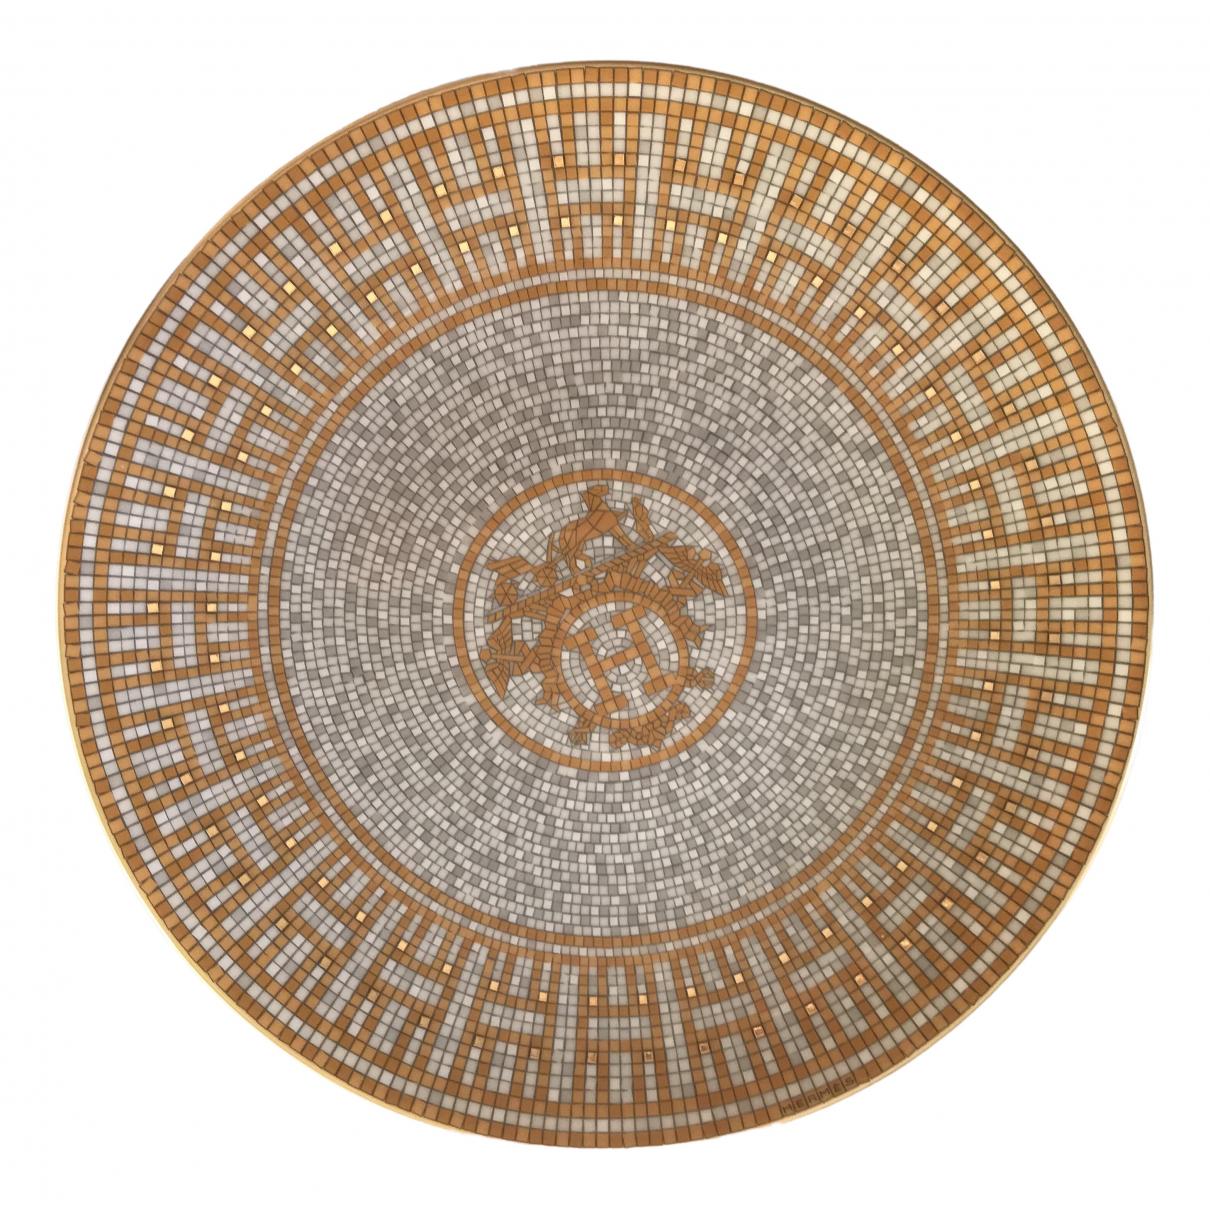 Hermes - Objets & Deco Mosaique au 24 pour lifestyle en ceramique - multicolore